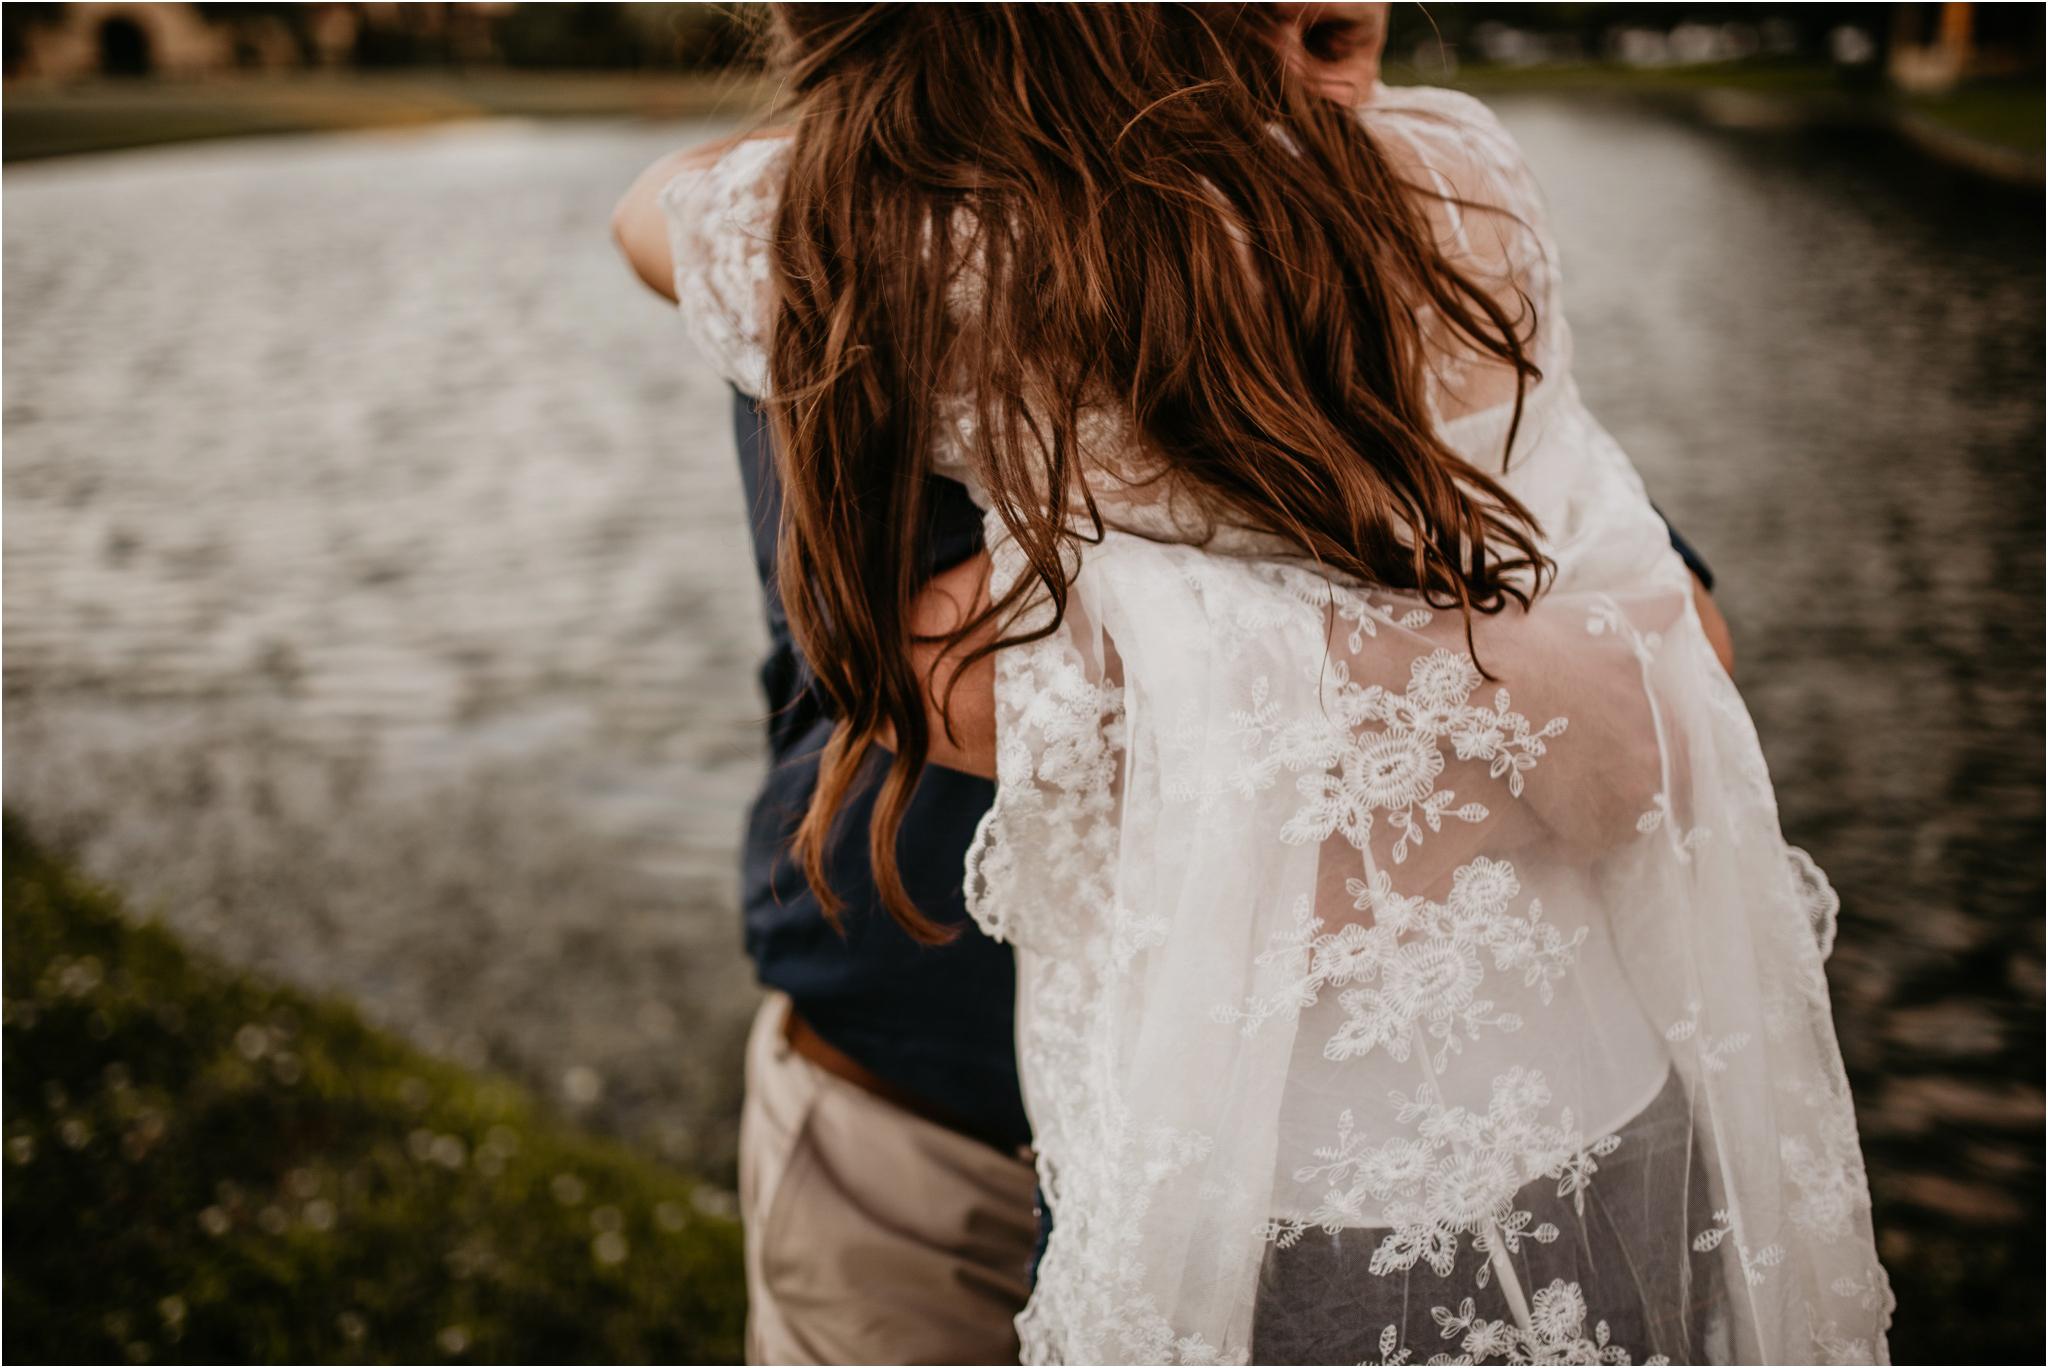 katie-and-eric-houston-oaks-engagement-session-houston-wedding-photographer-039.jpg